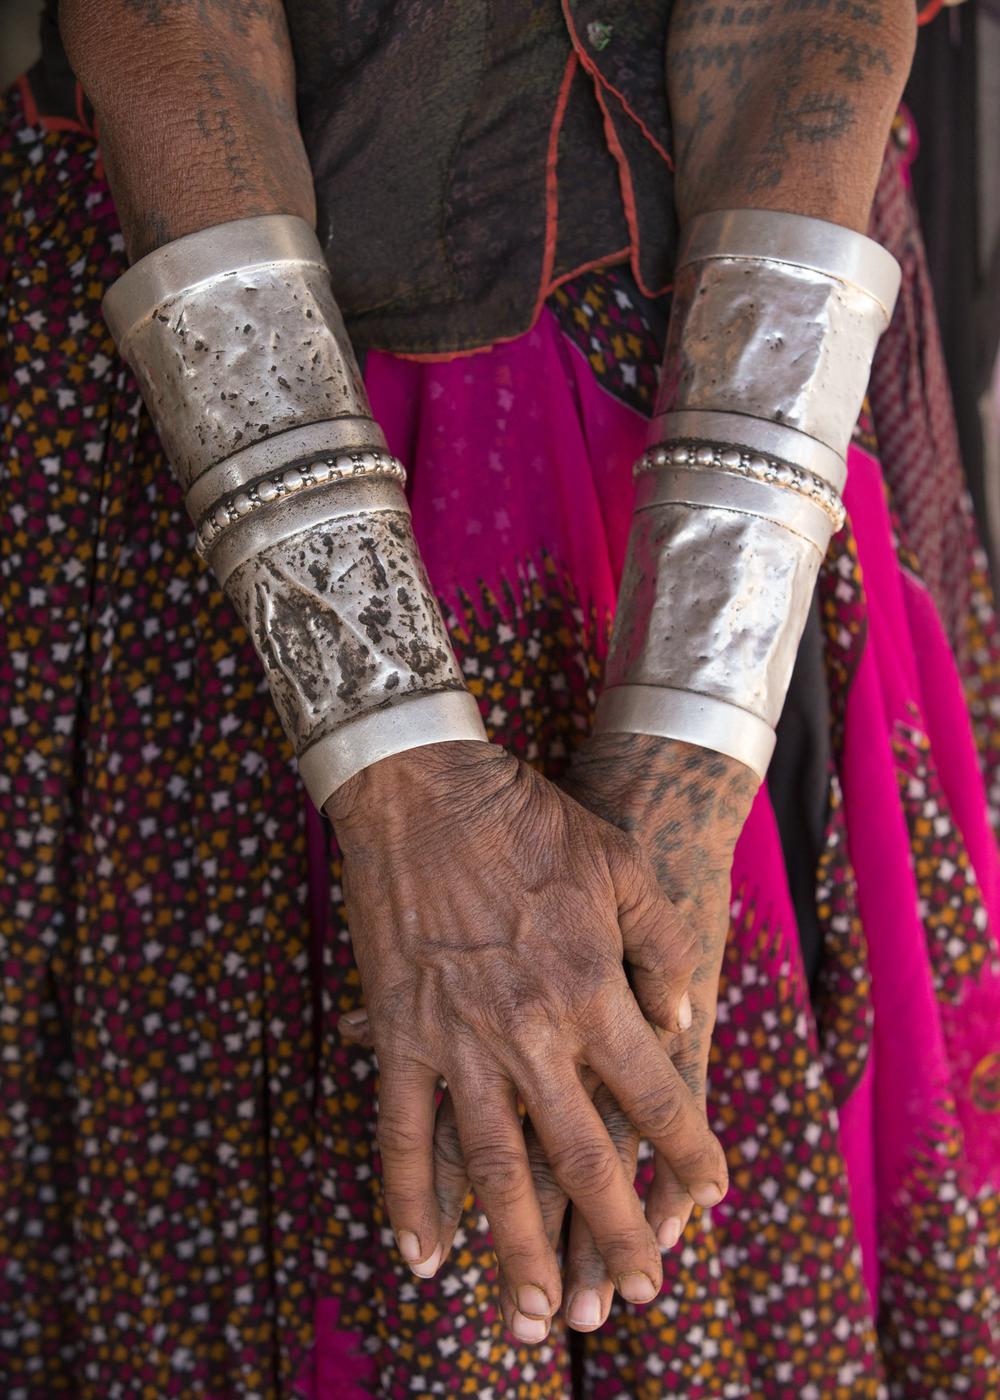 Marriage bands, near Zainabad, Gujarat, Jan 2015